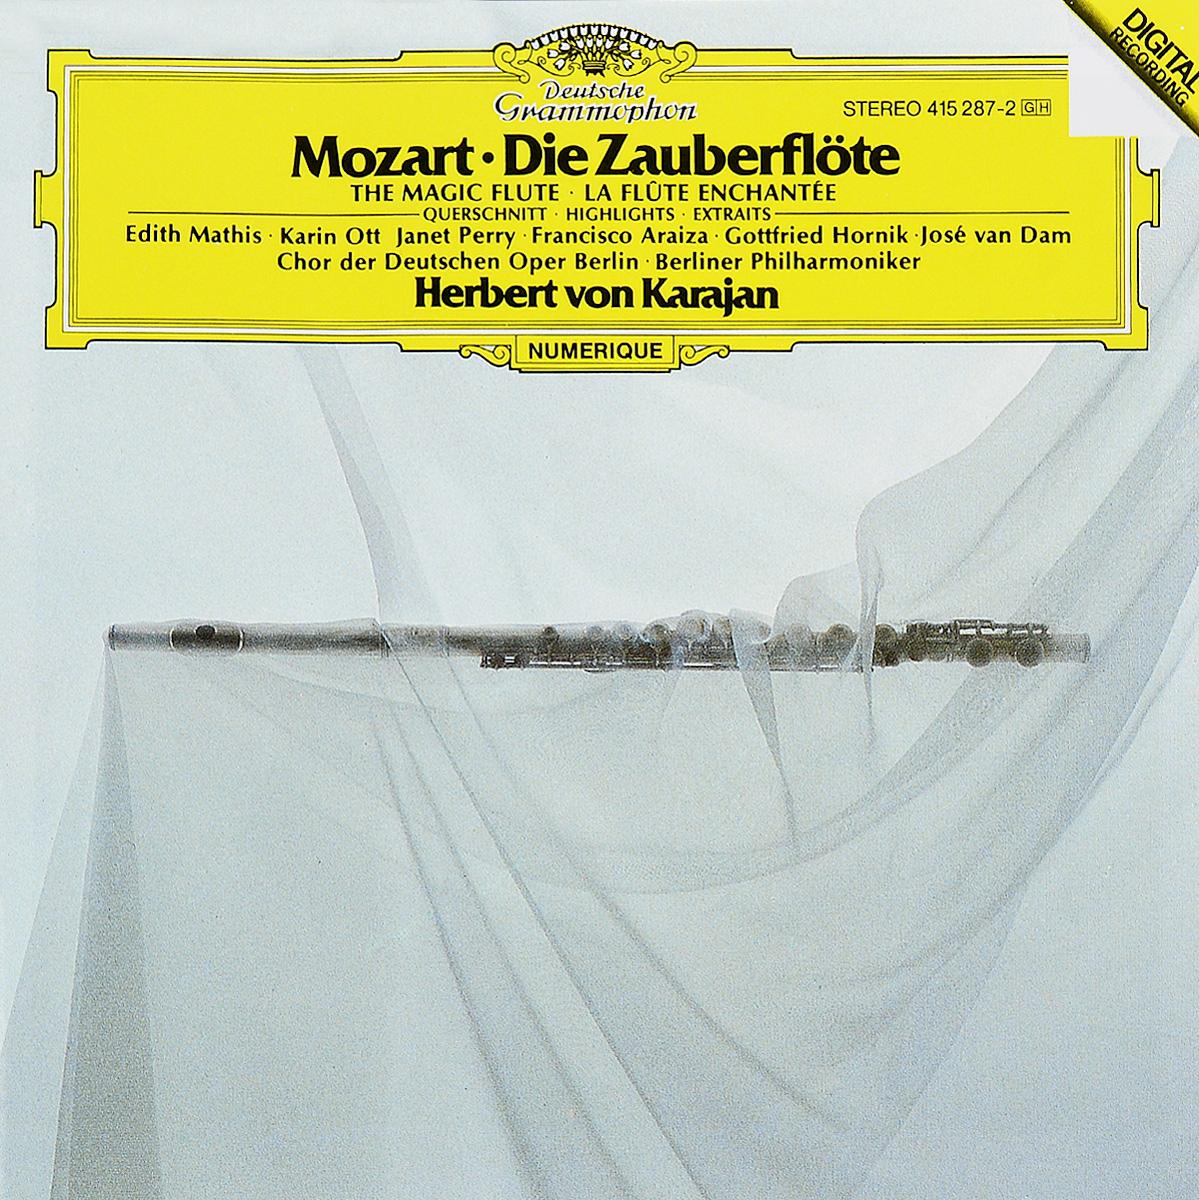 Mozart: Die Zauberflote - Querrschnitt Herbert von Karajan цена